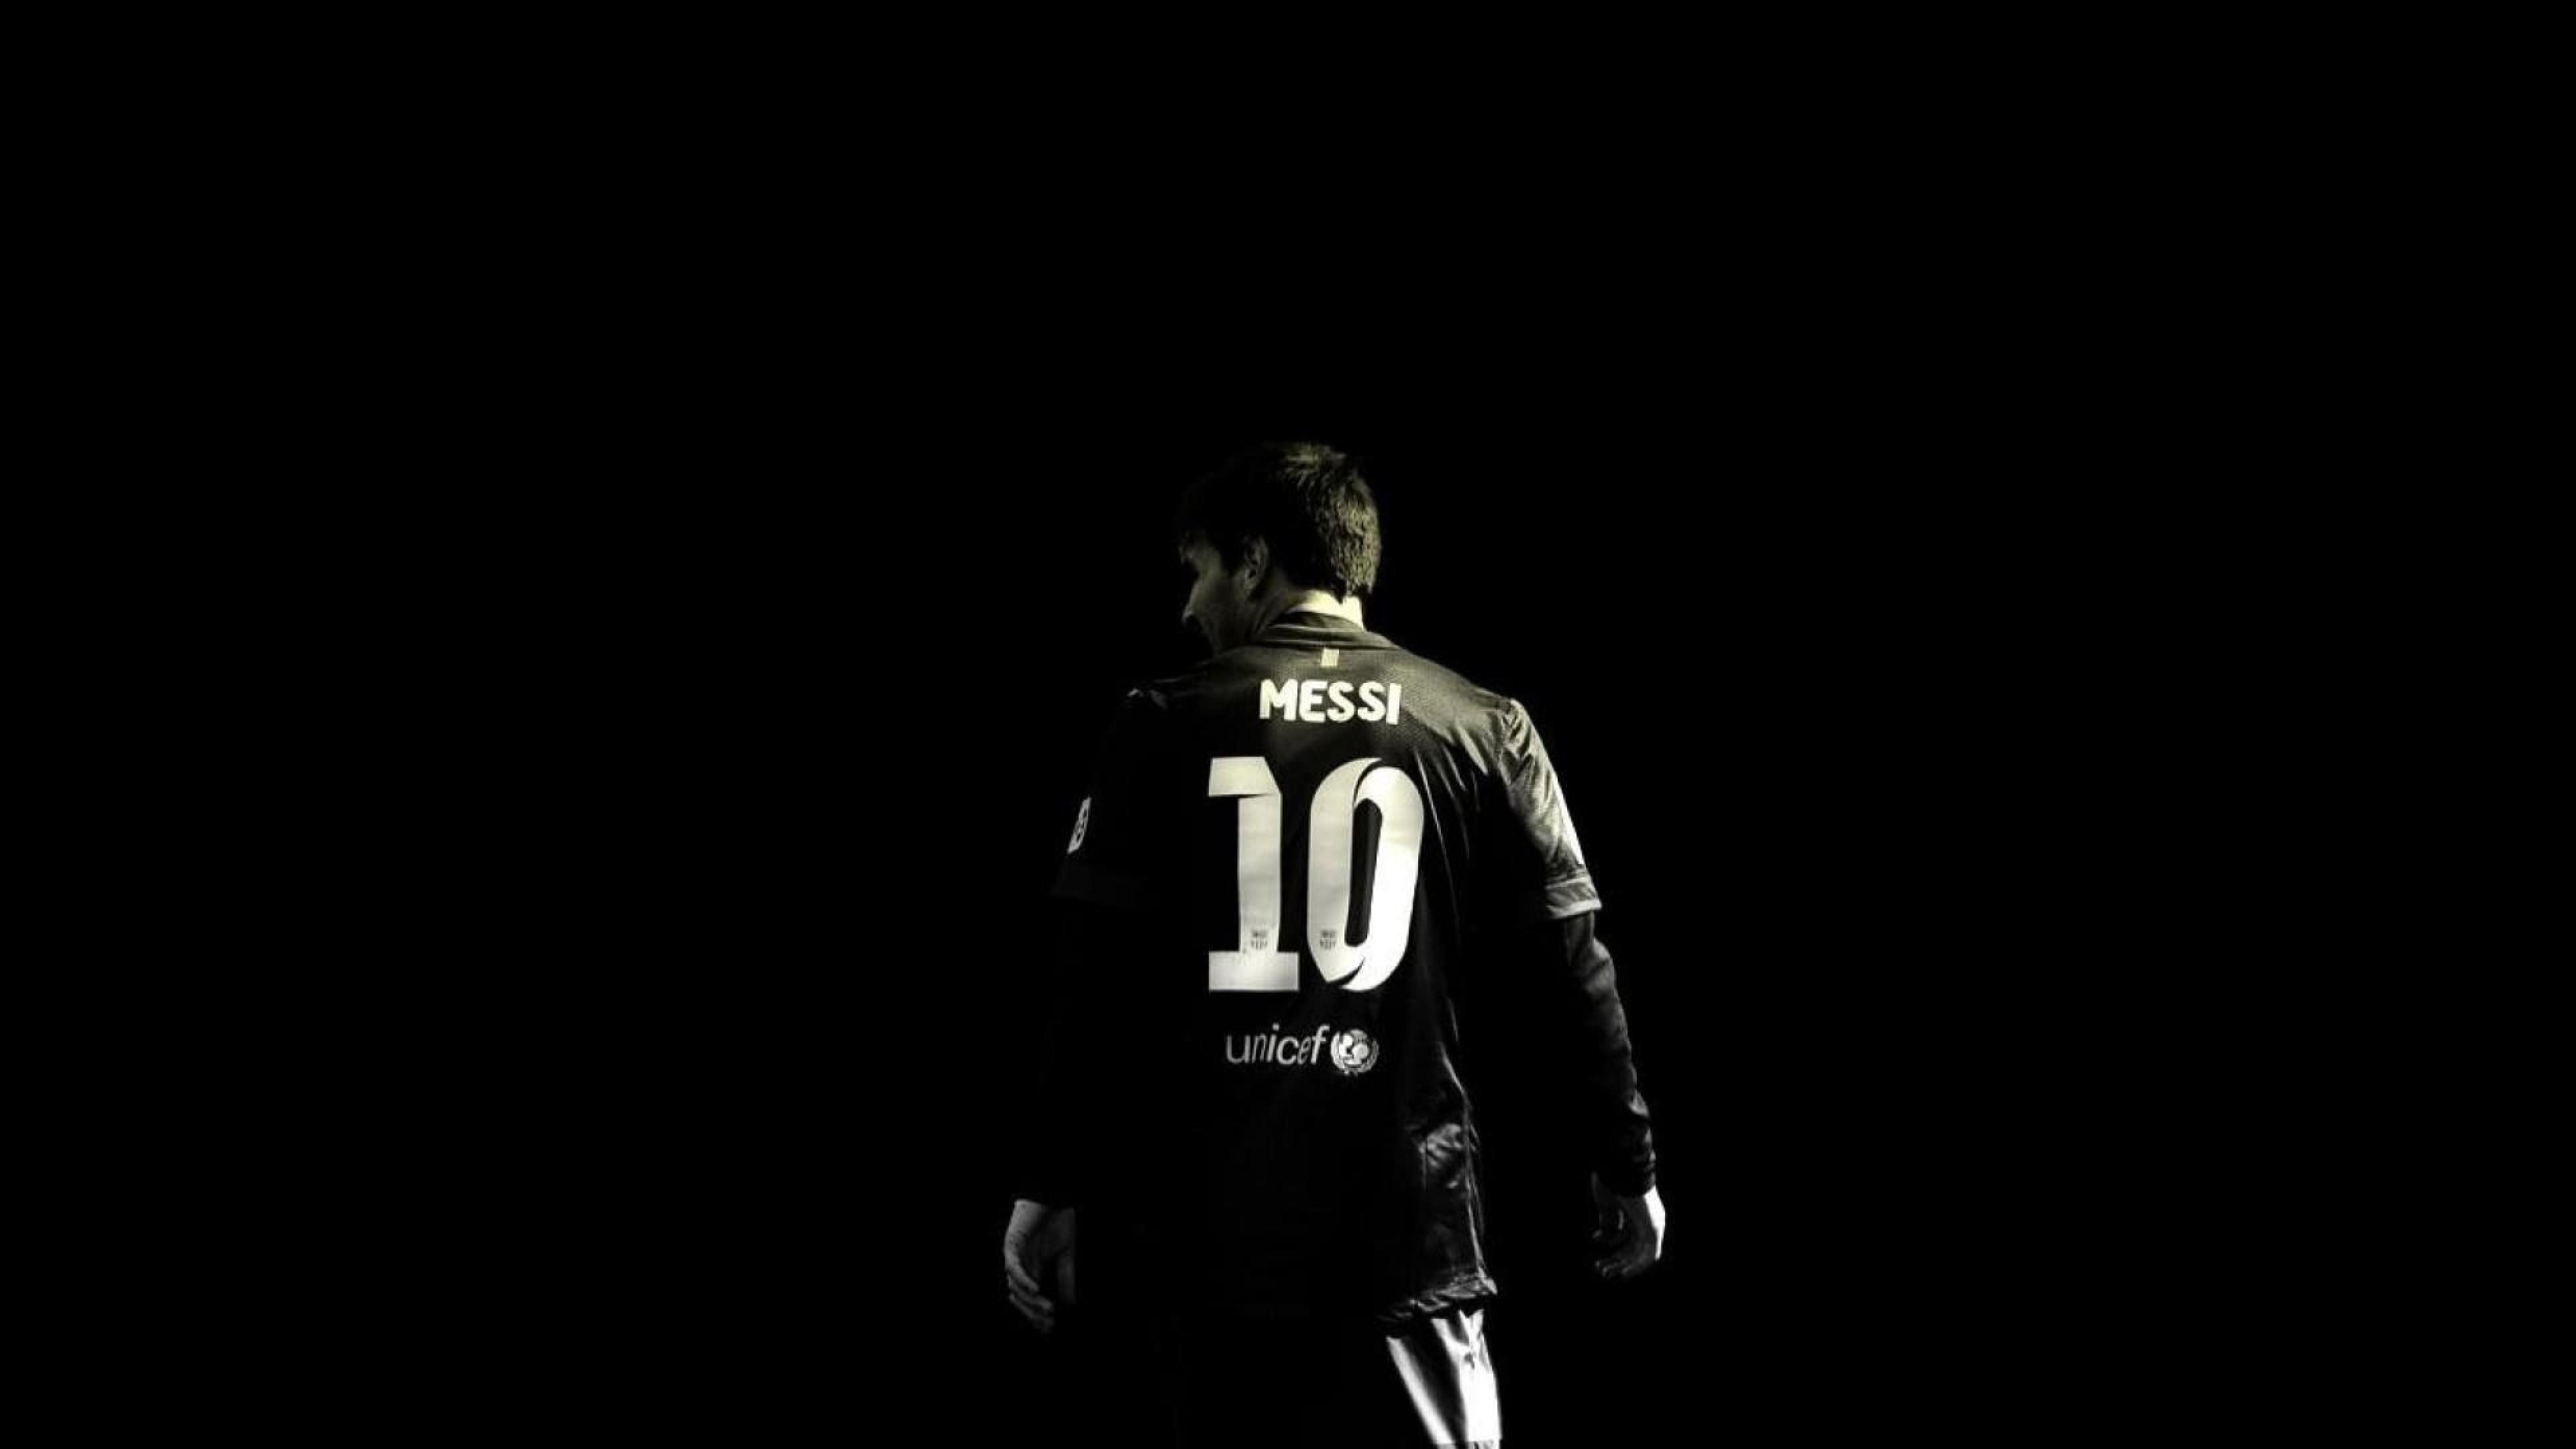 Hd Messi Black Wallpaper 2020 Live Wallpaper Hd Lionel Messi Wallpapers Lionel Messi Messi